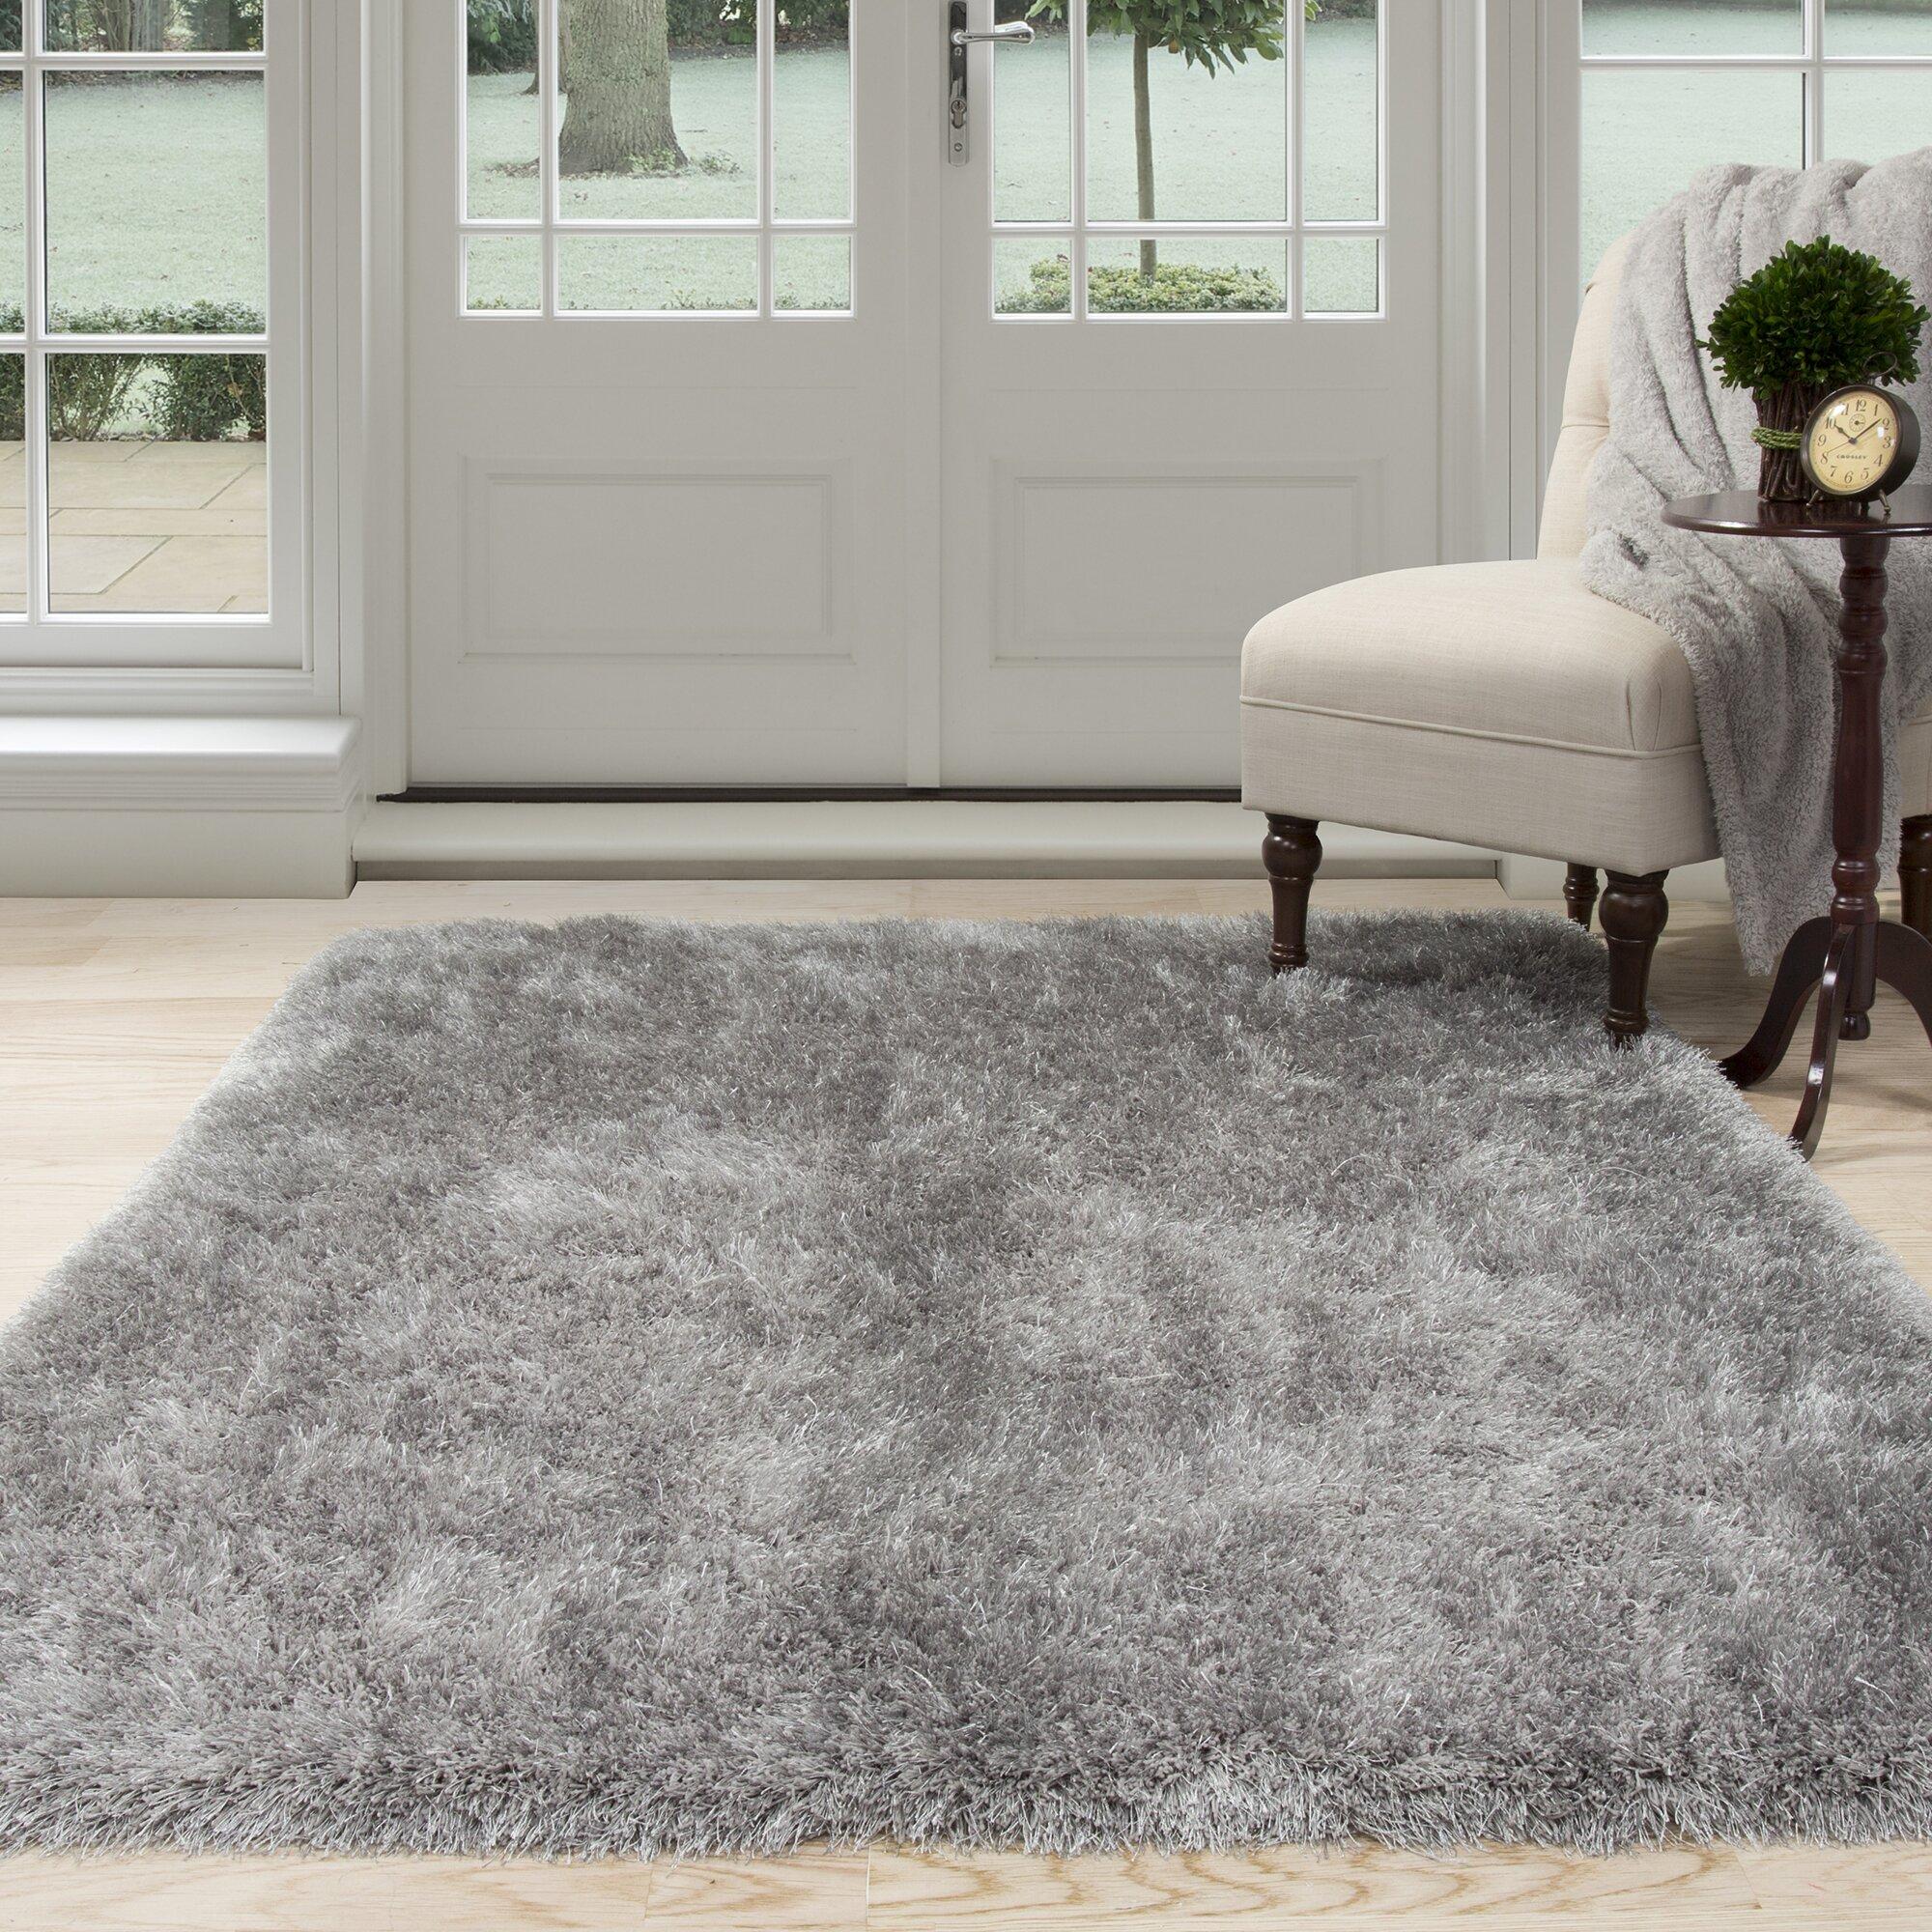 Captivating Lavish Home Gray Shag Area Rug